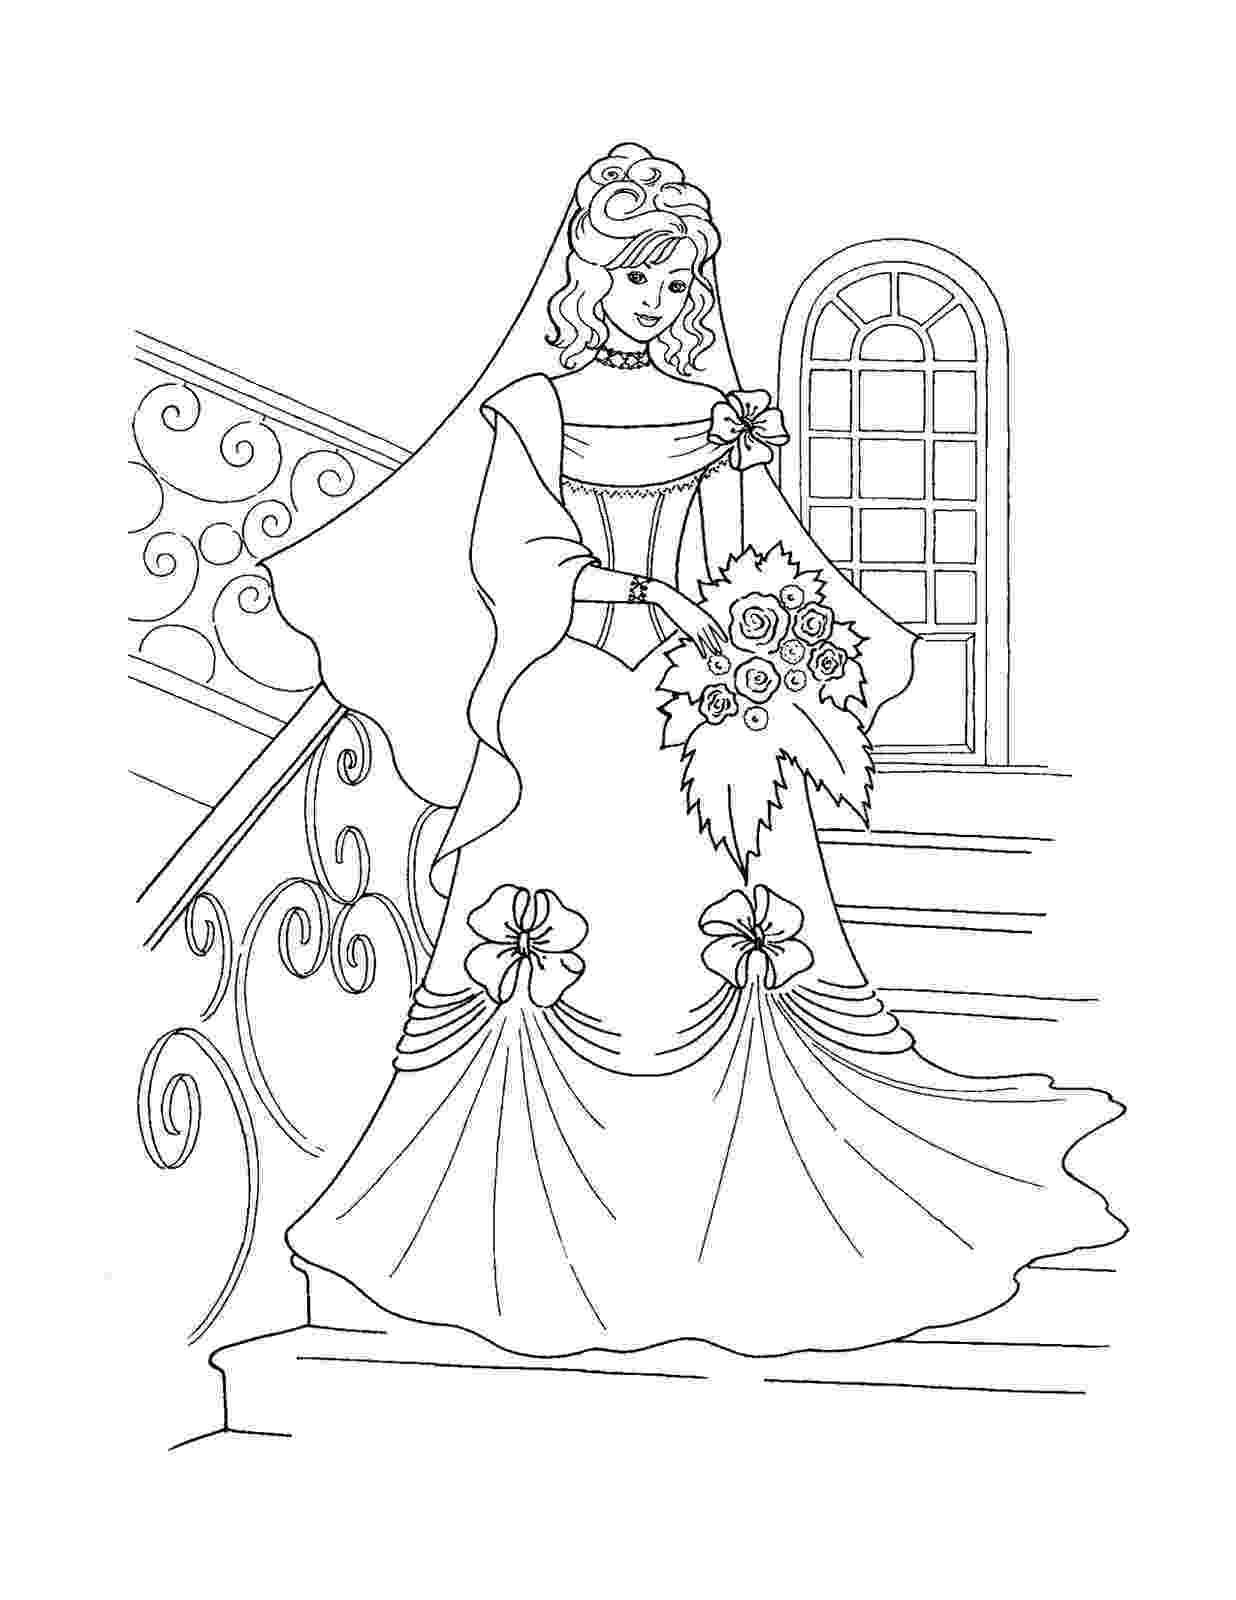 princess coloring sheets disney princess coloring pages minister coloring princess coloring sheets 1 1